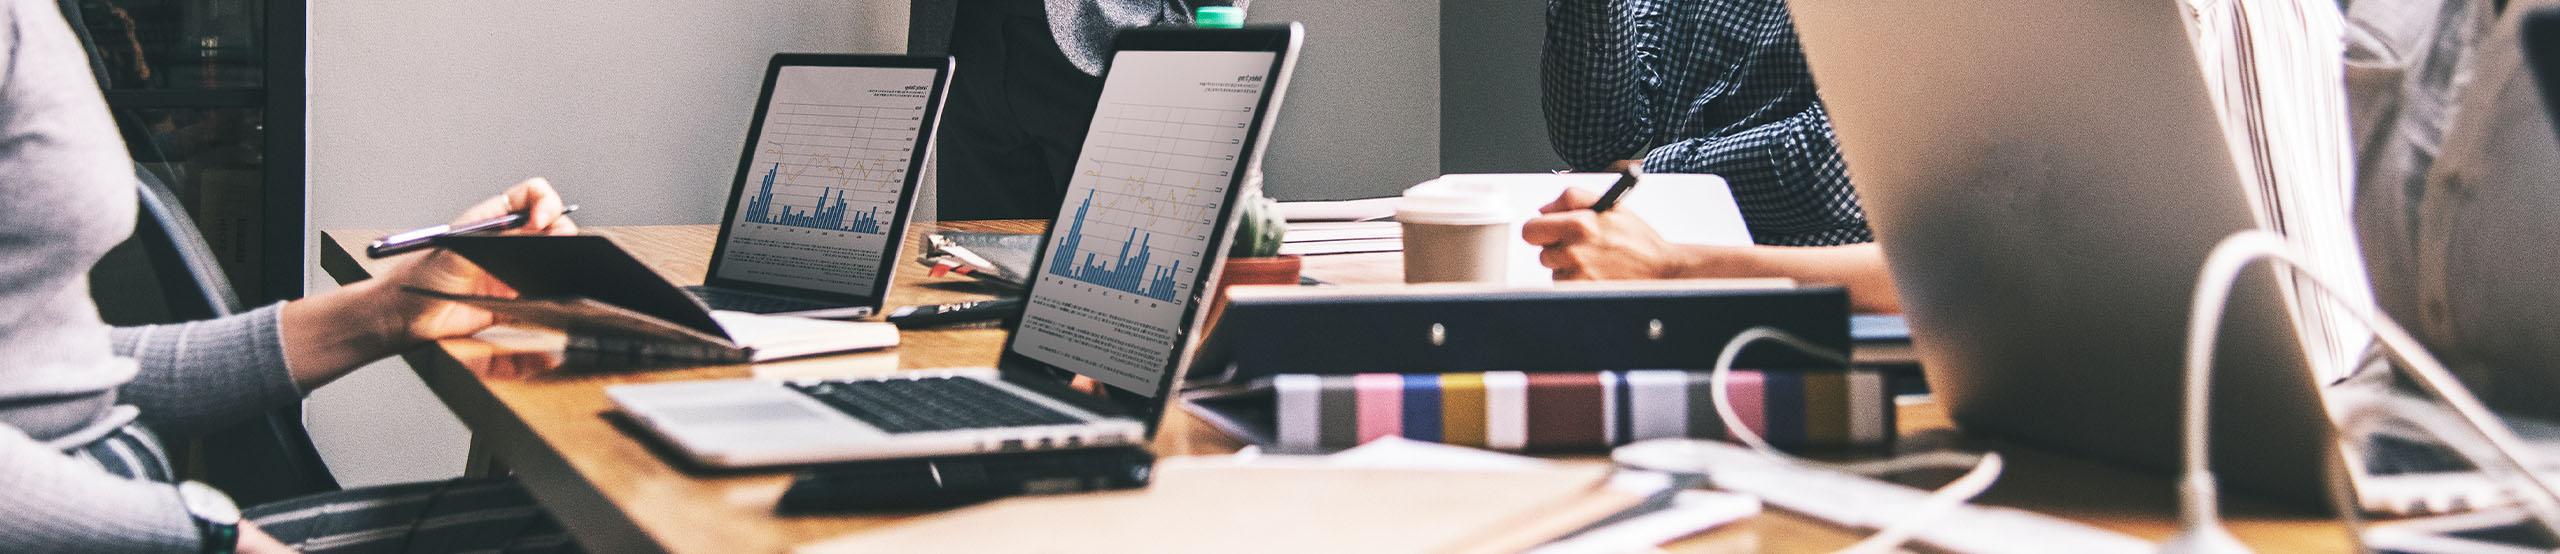 Working in Conference Room | Naples Global Advisors, SEC Registered Investment Advisor